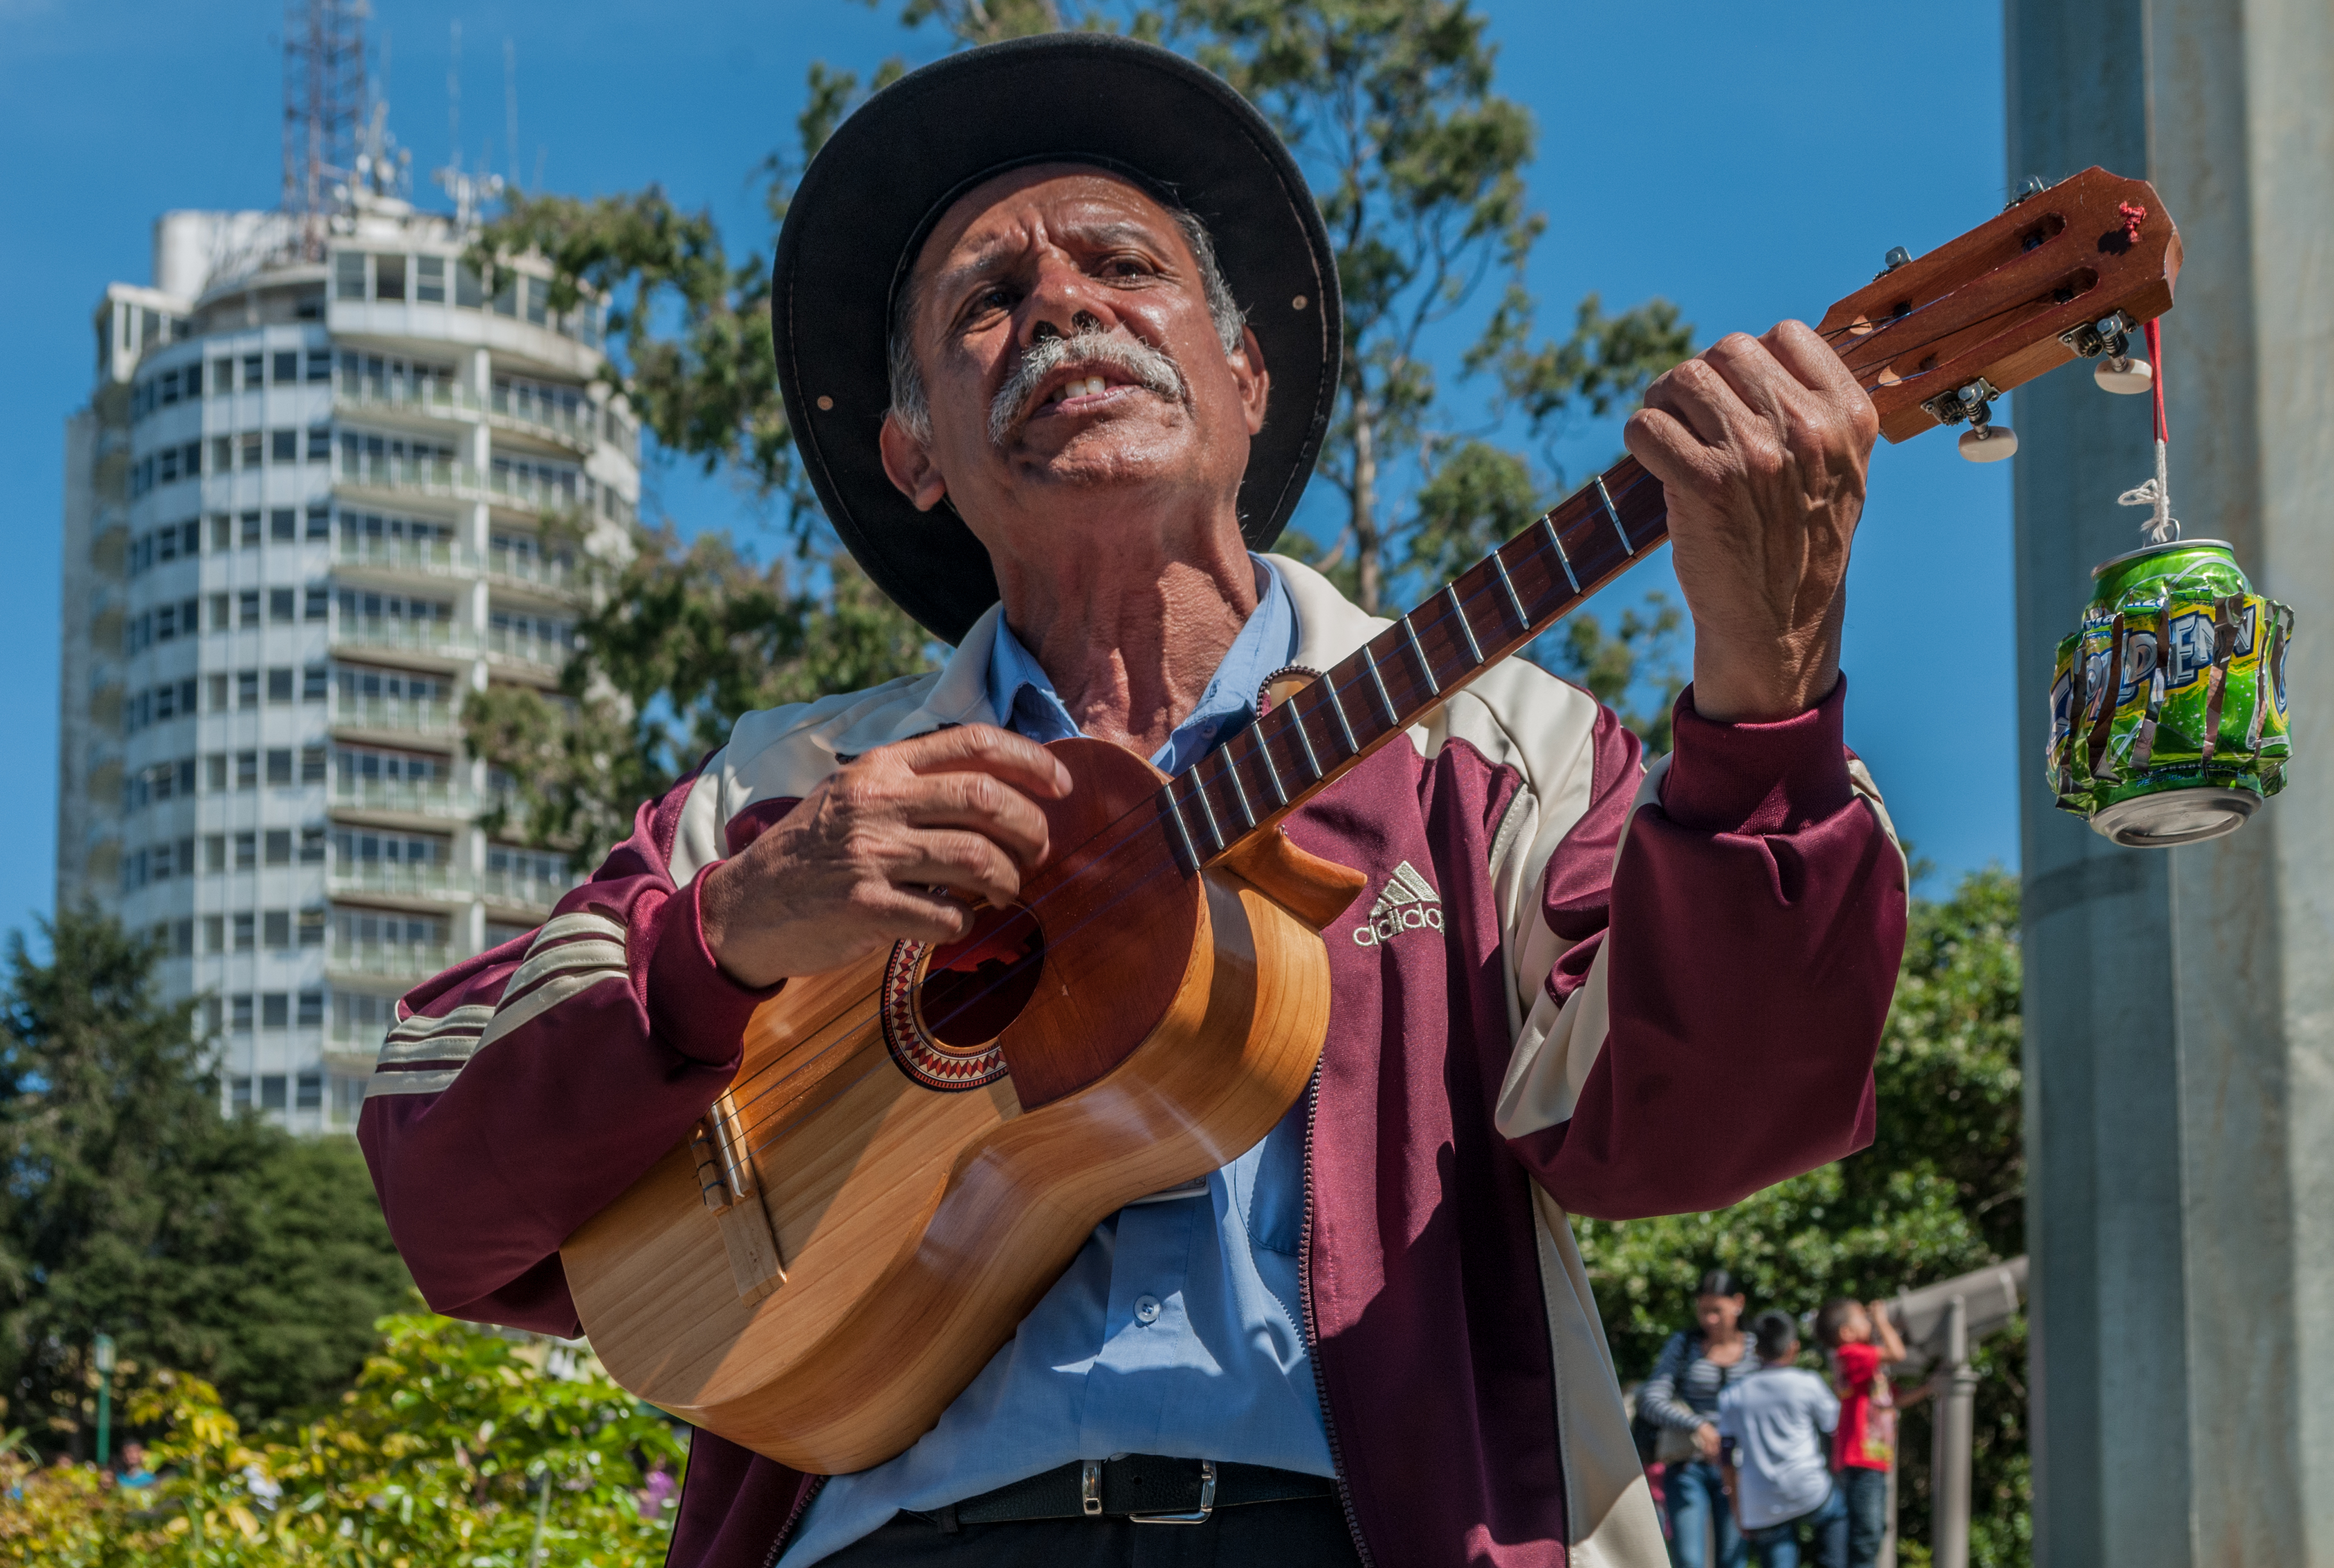 Hombre cantando, acompañado de un cuatro, en las cercanías del Hotel Humboldt, Caracas, Venezuela